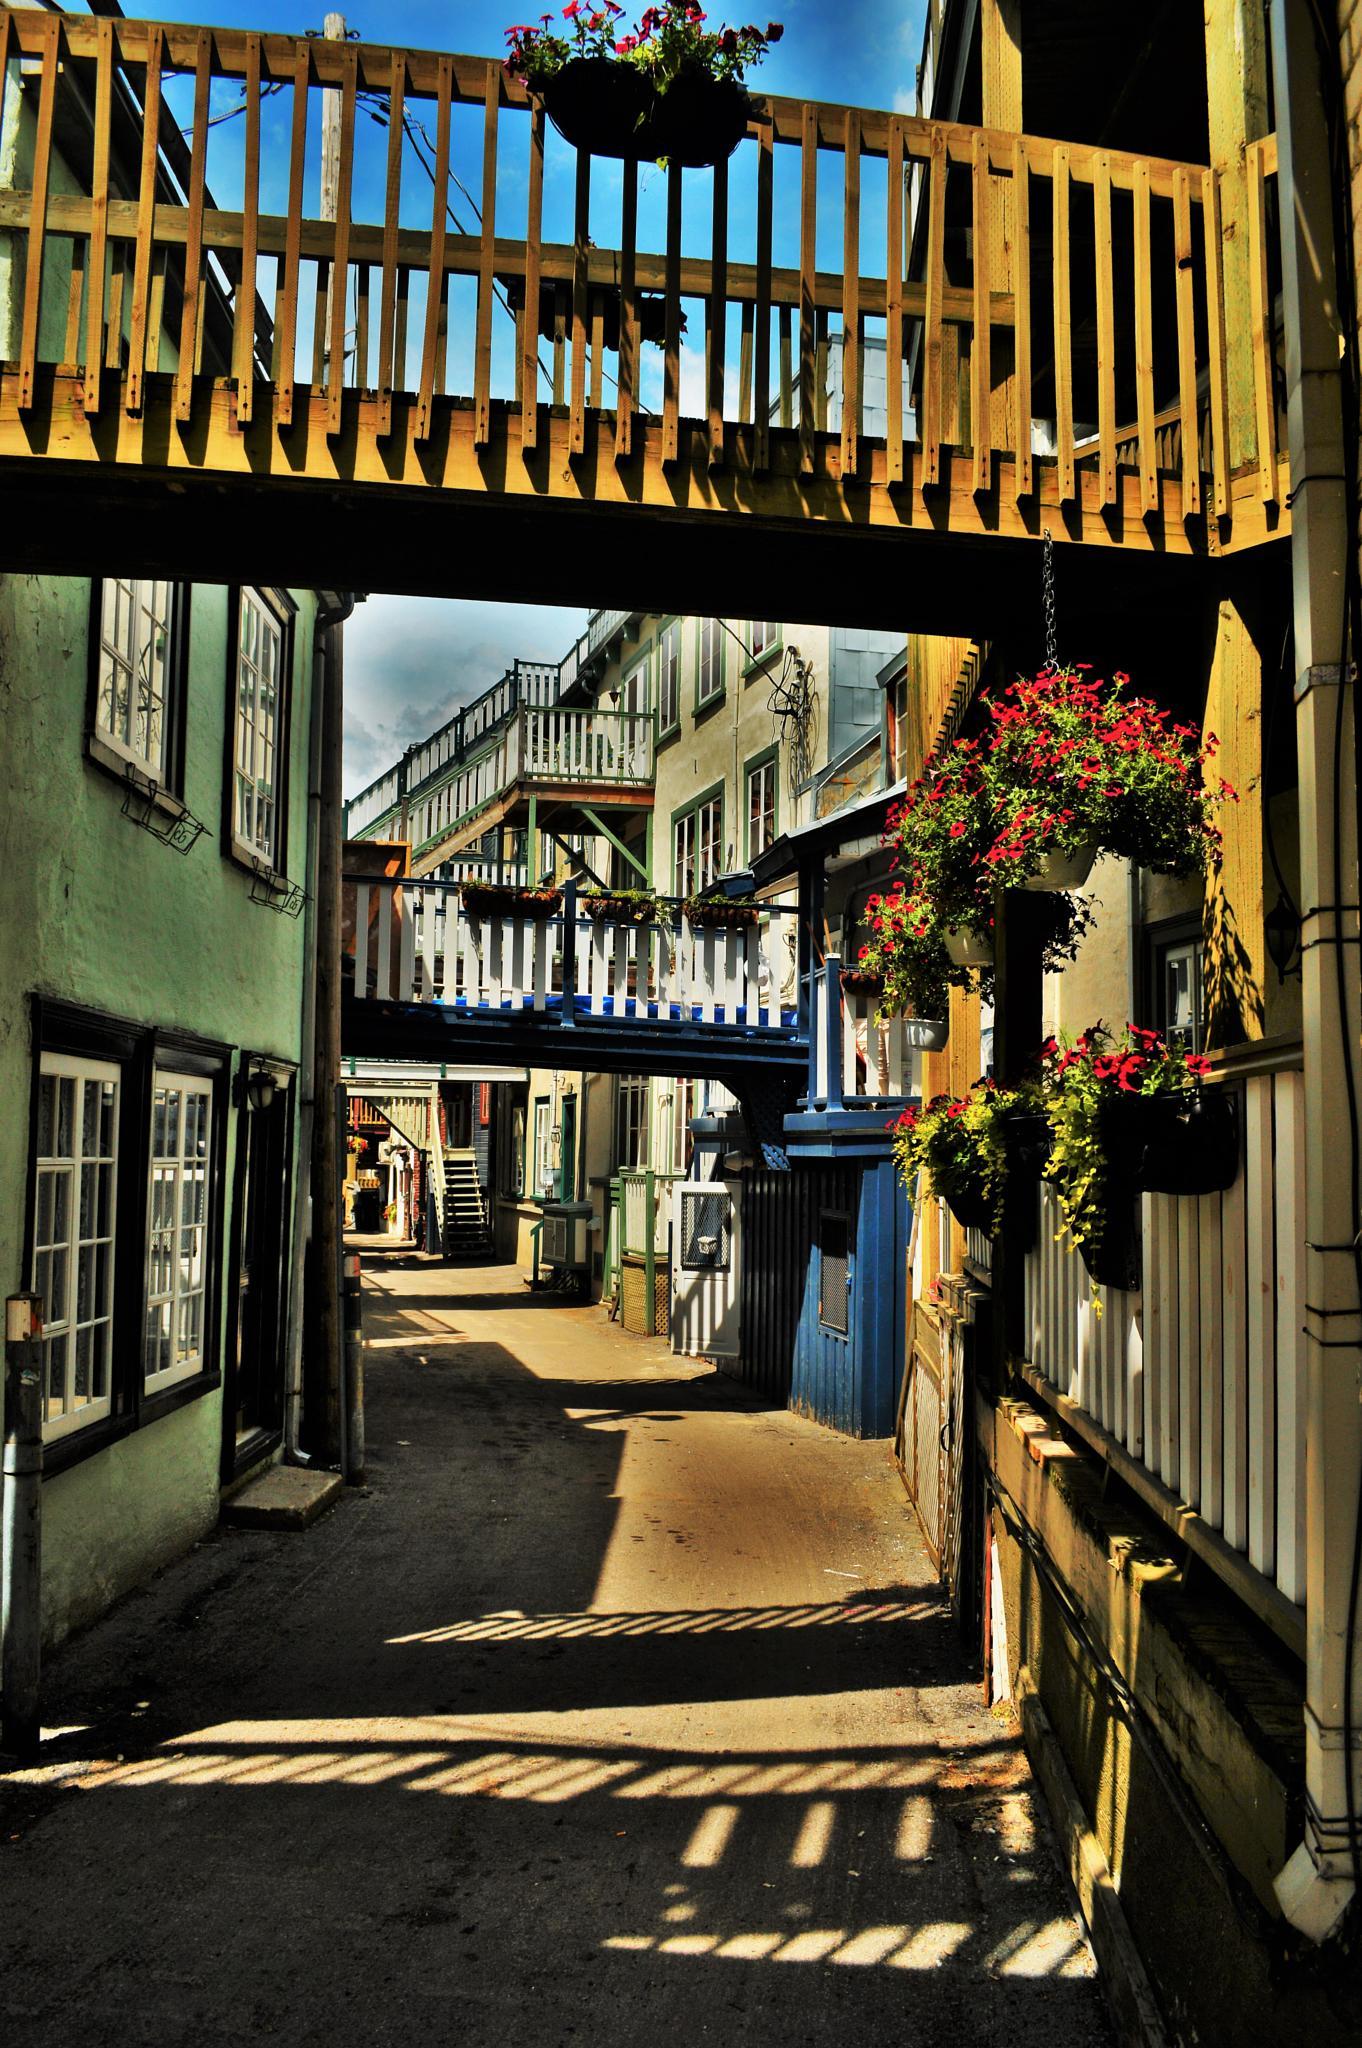 Rue Sous le Cap by vasseuromain